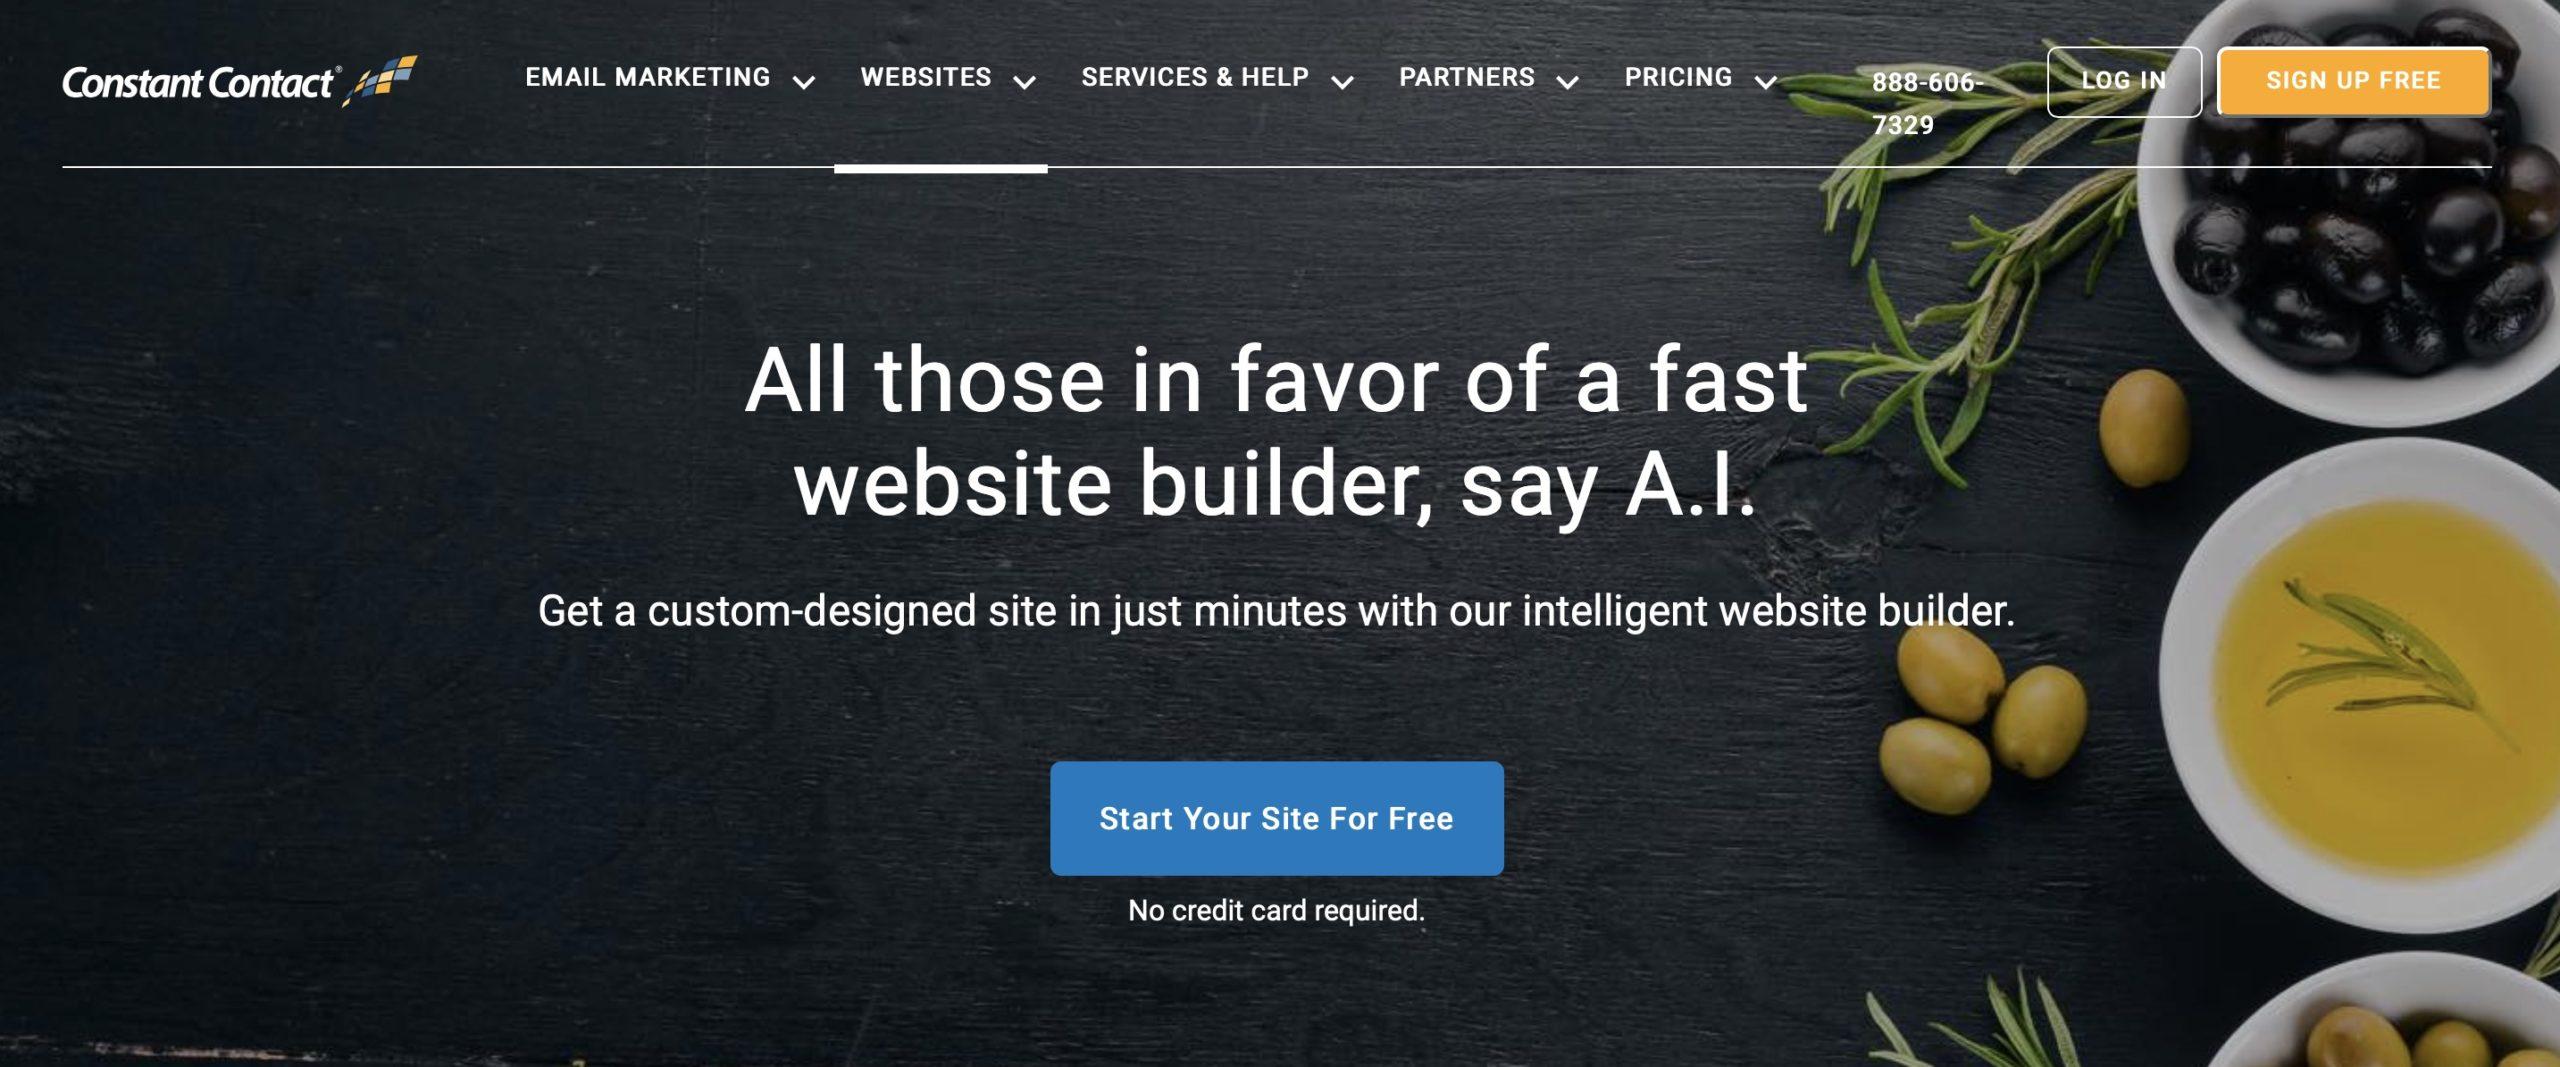 Constact Contact website builder homepage screenshot